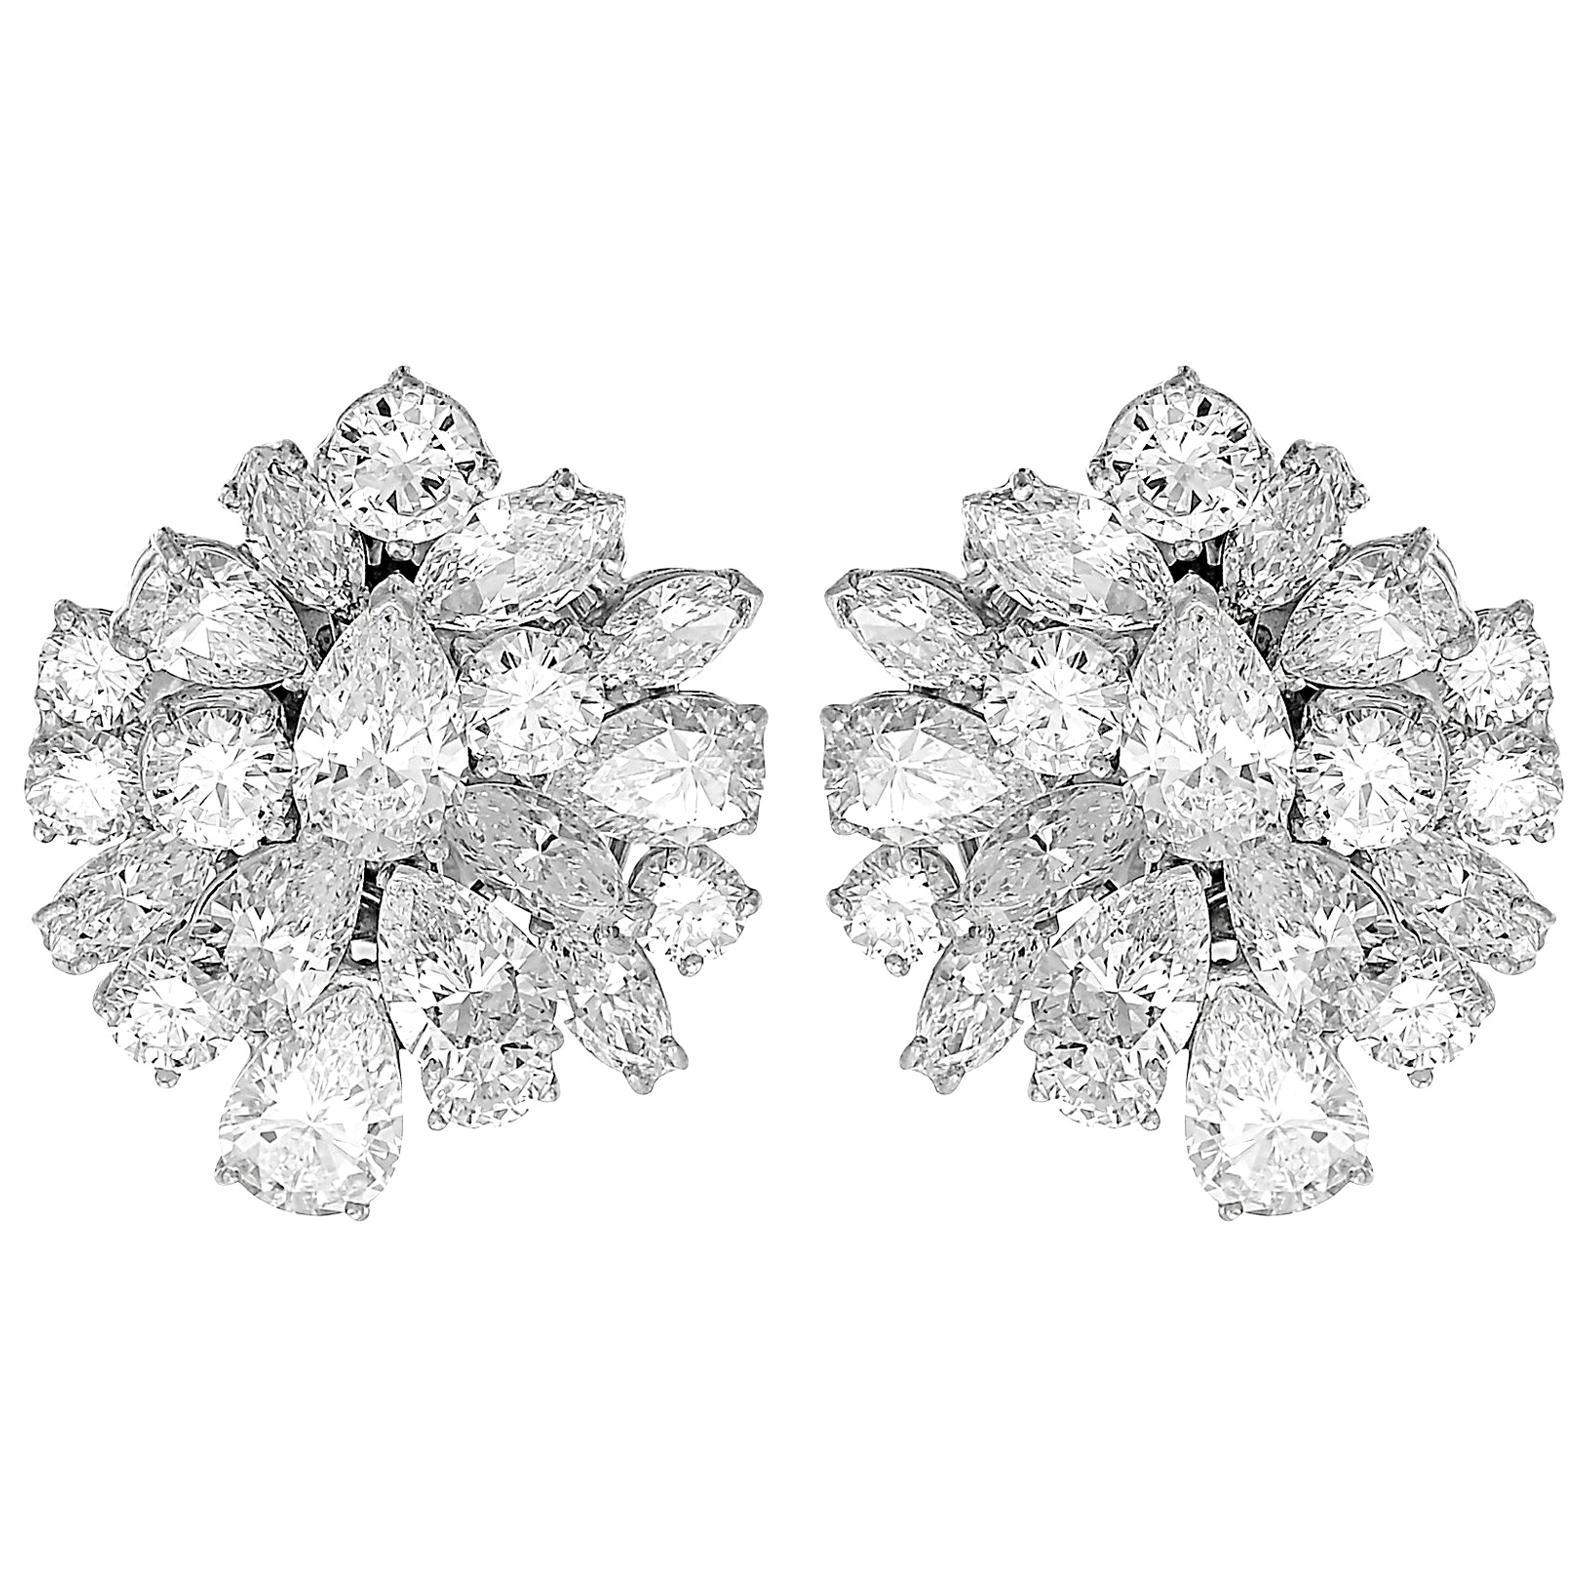 Certified Diamonds D-F Clip-On Statement Earrings/Pendant/Brooch, Retro, Vintage